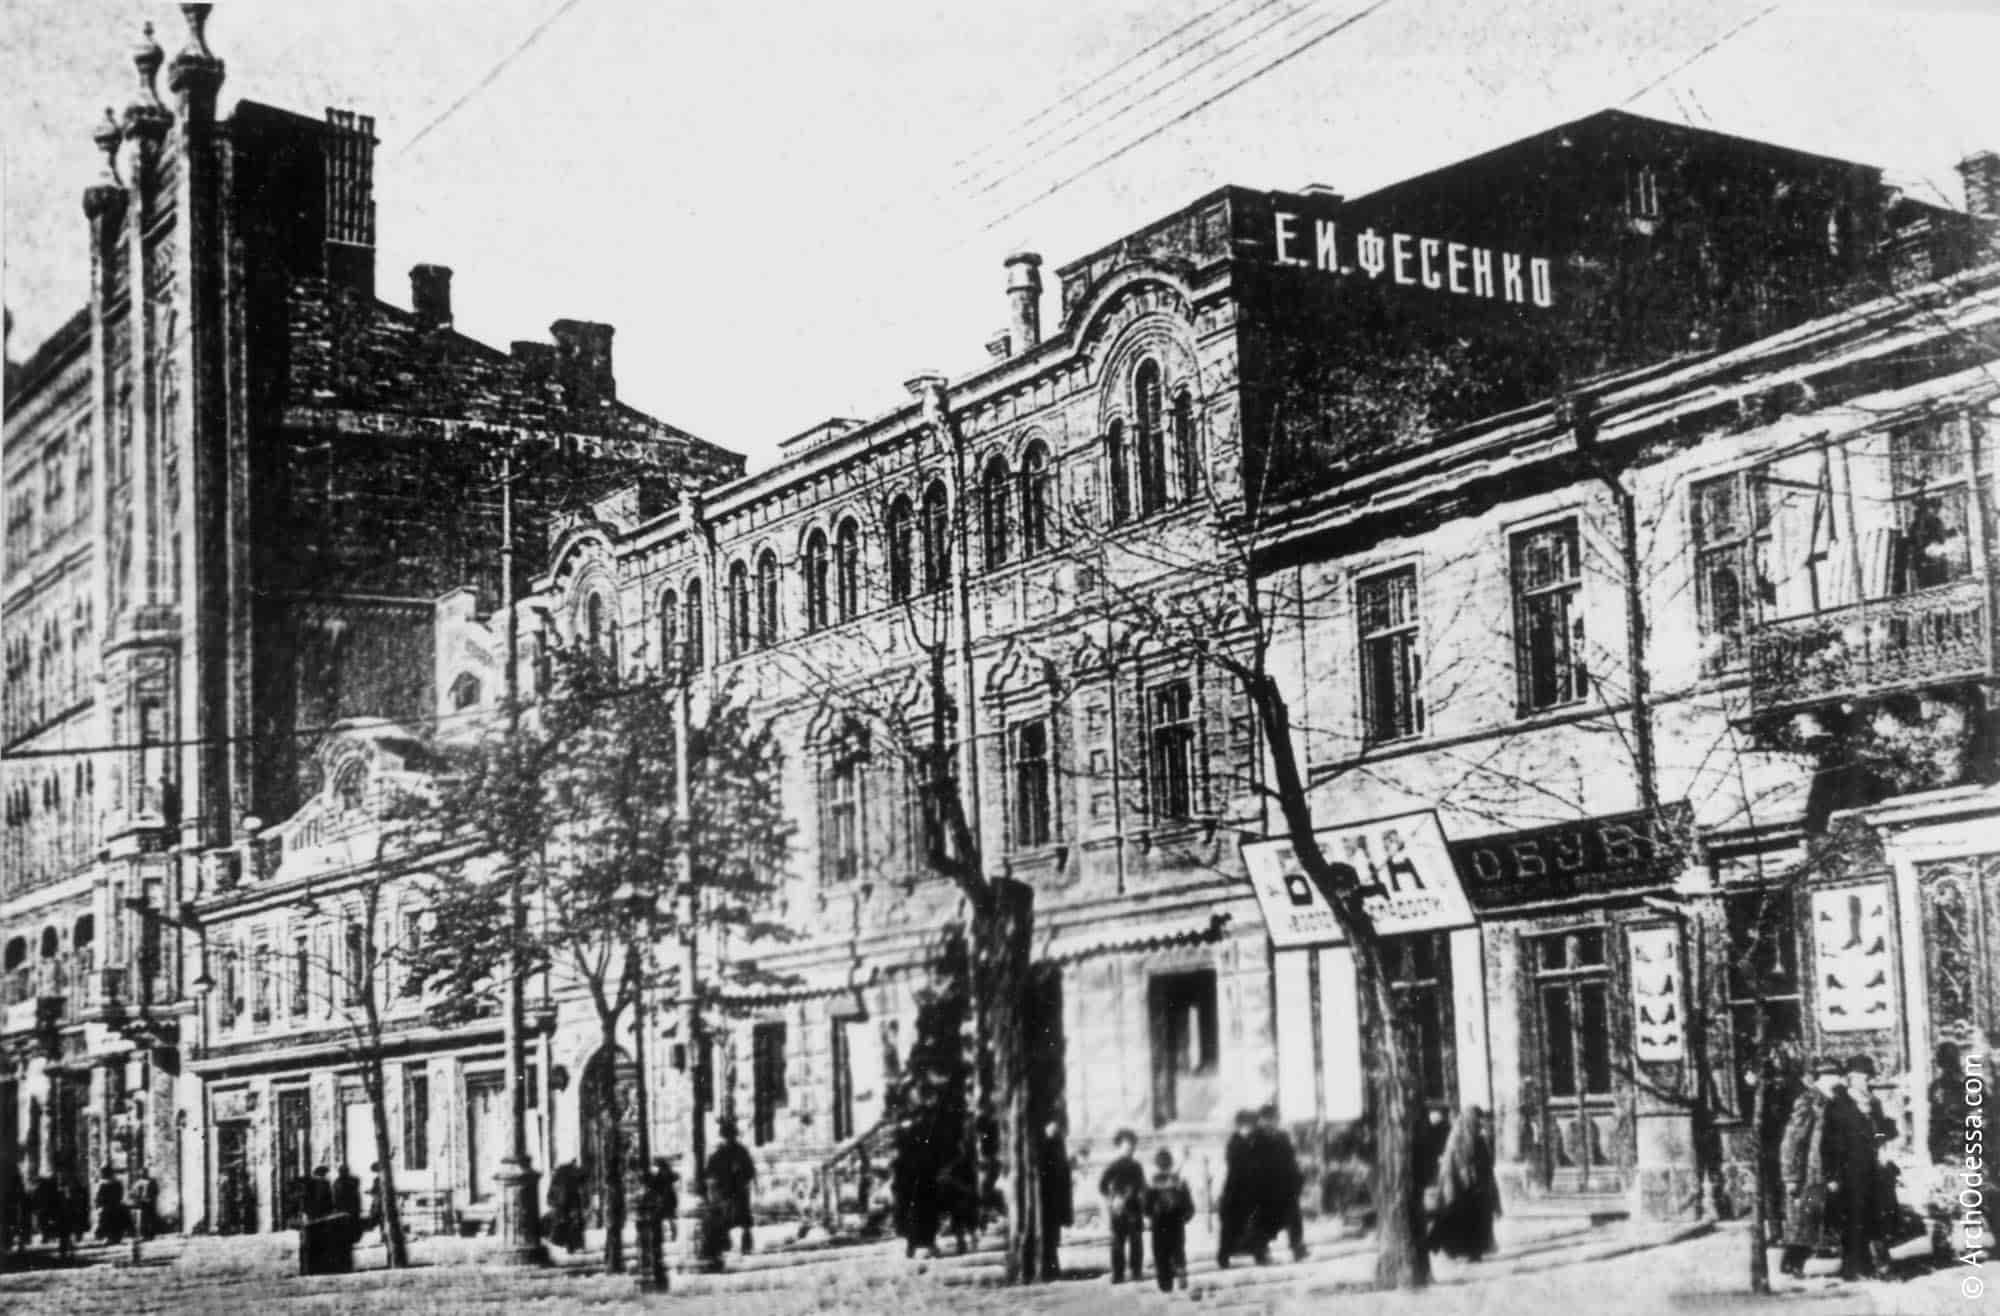 Загальний вигляд, зліва розташовані ілюзіон Шостака та прибутковий будинок Нолле